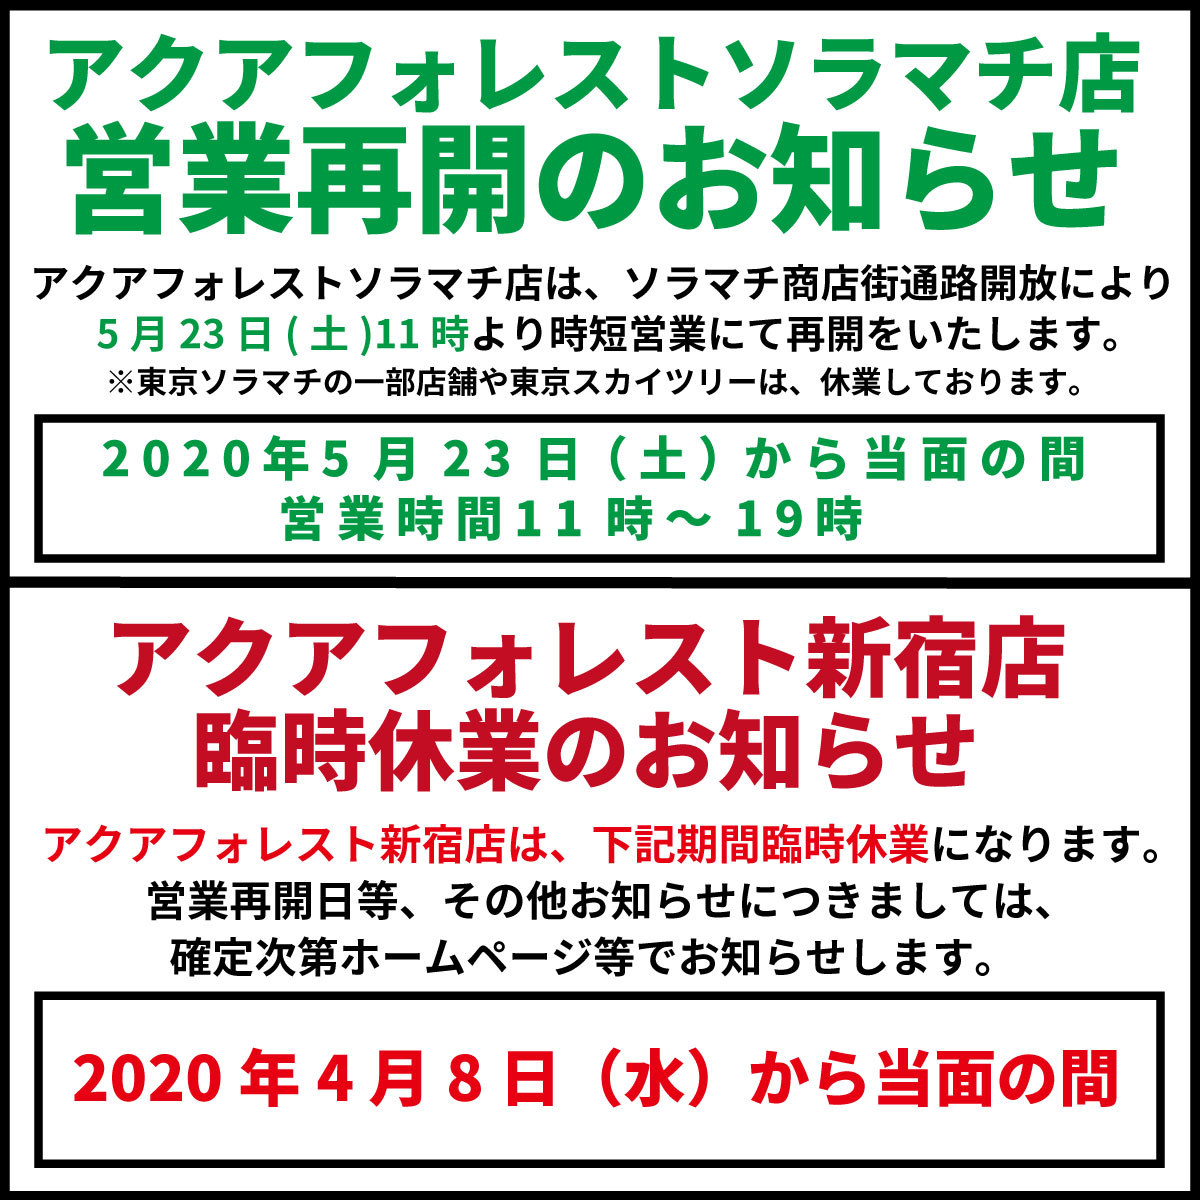 【ソラマチ店】5月23日(土)11時~営業再開のお知らせ